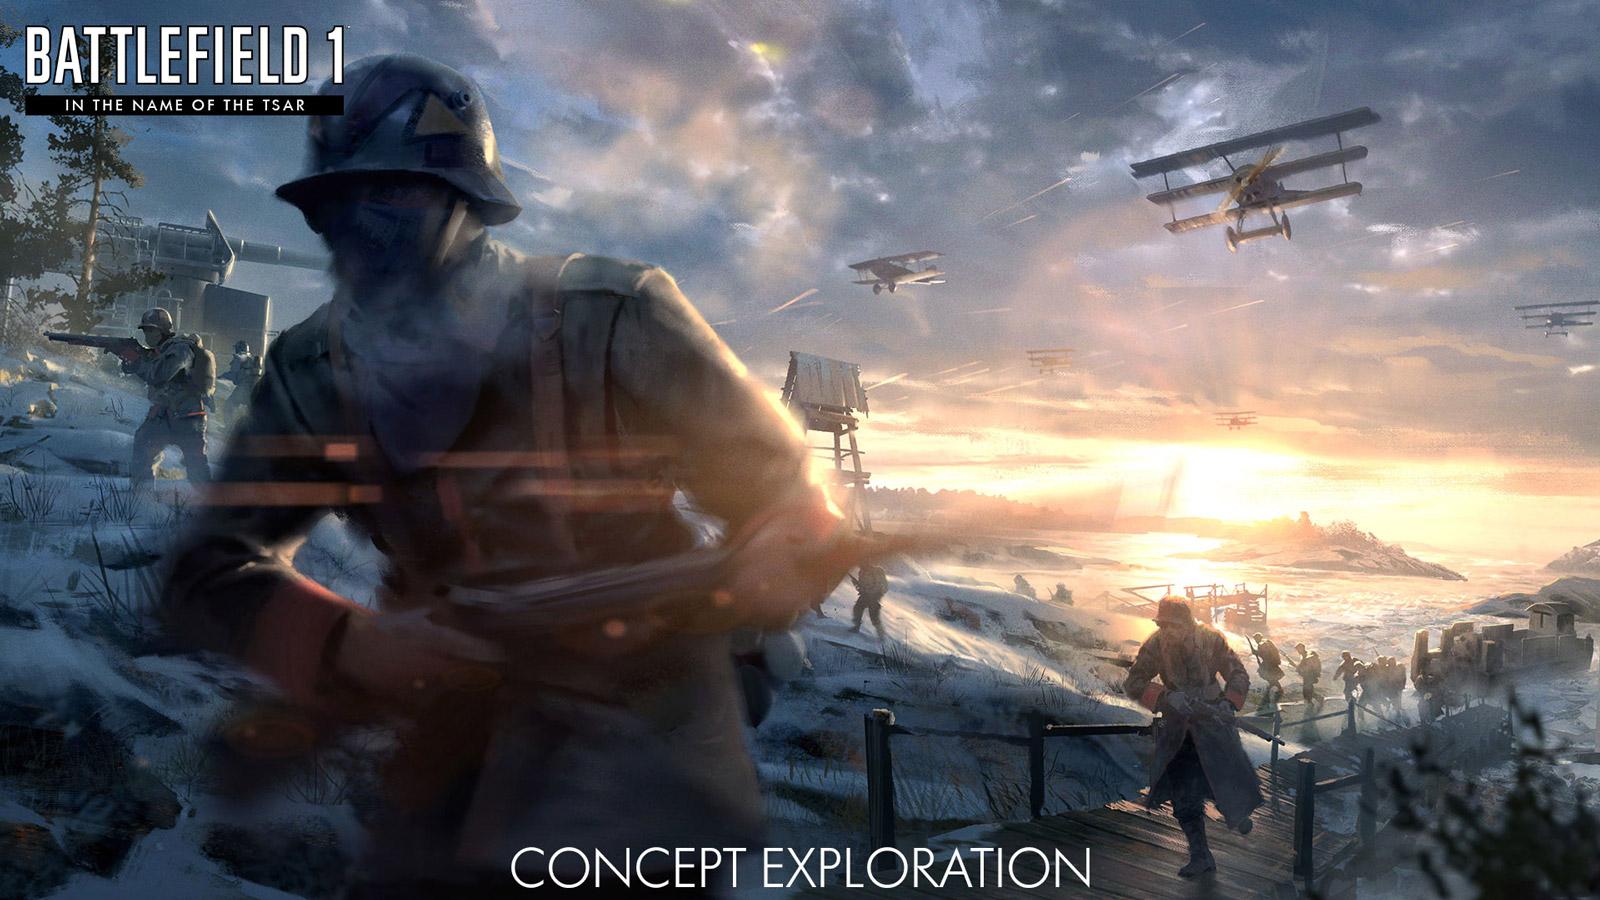 Free Battlefield 1 Wallpaper in 1600x900